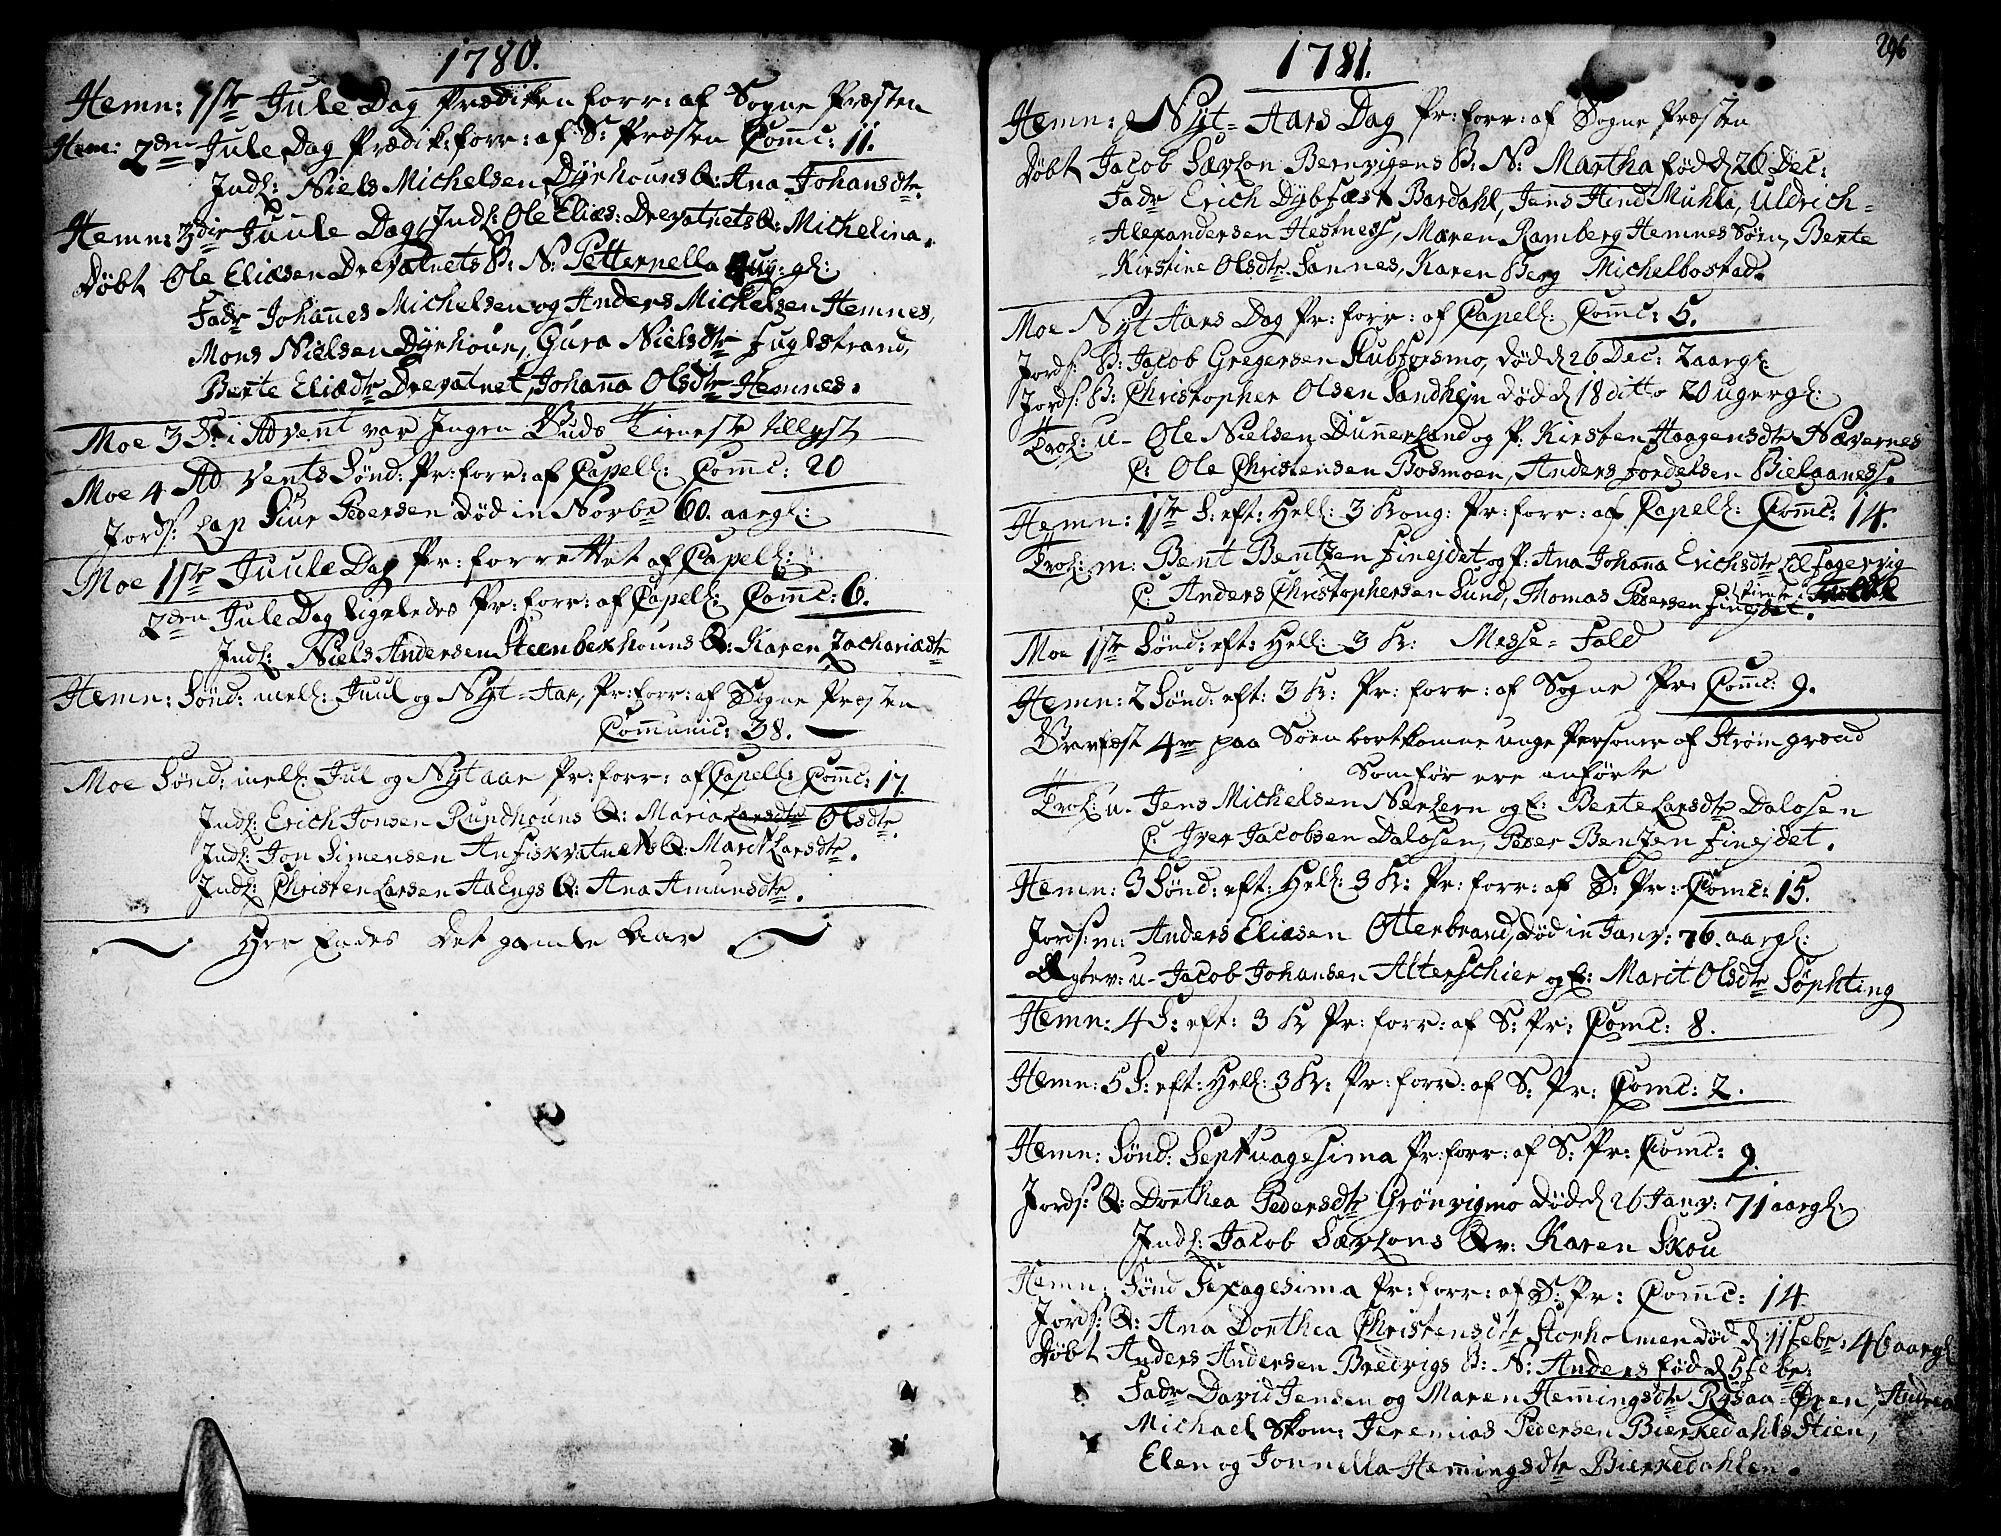 SAT, Ministerialprotokoller, klokkerbøker og fødselsregistre - Nordland, 825/L0348: Parish register (official) no. 825A04, 1752-1788, p. 296